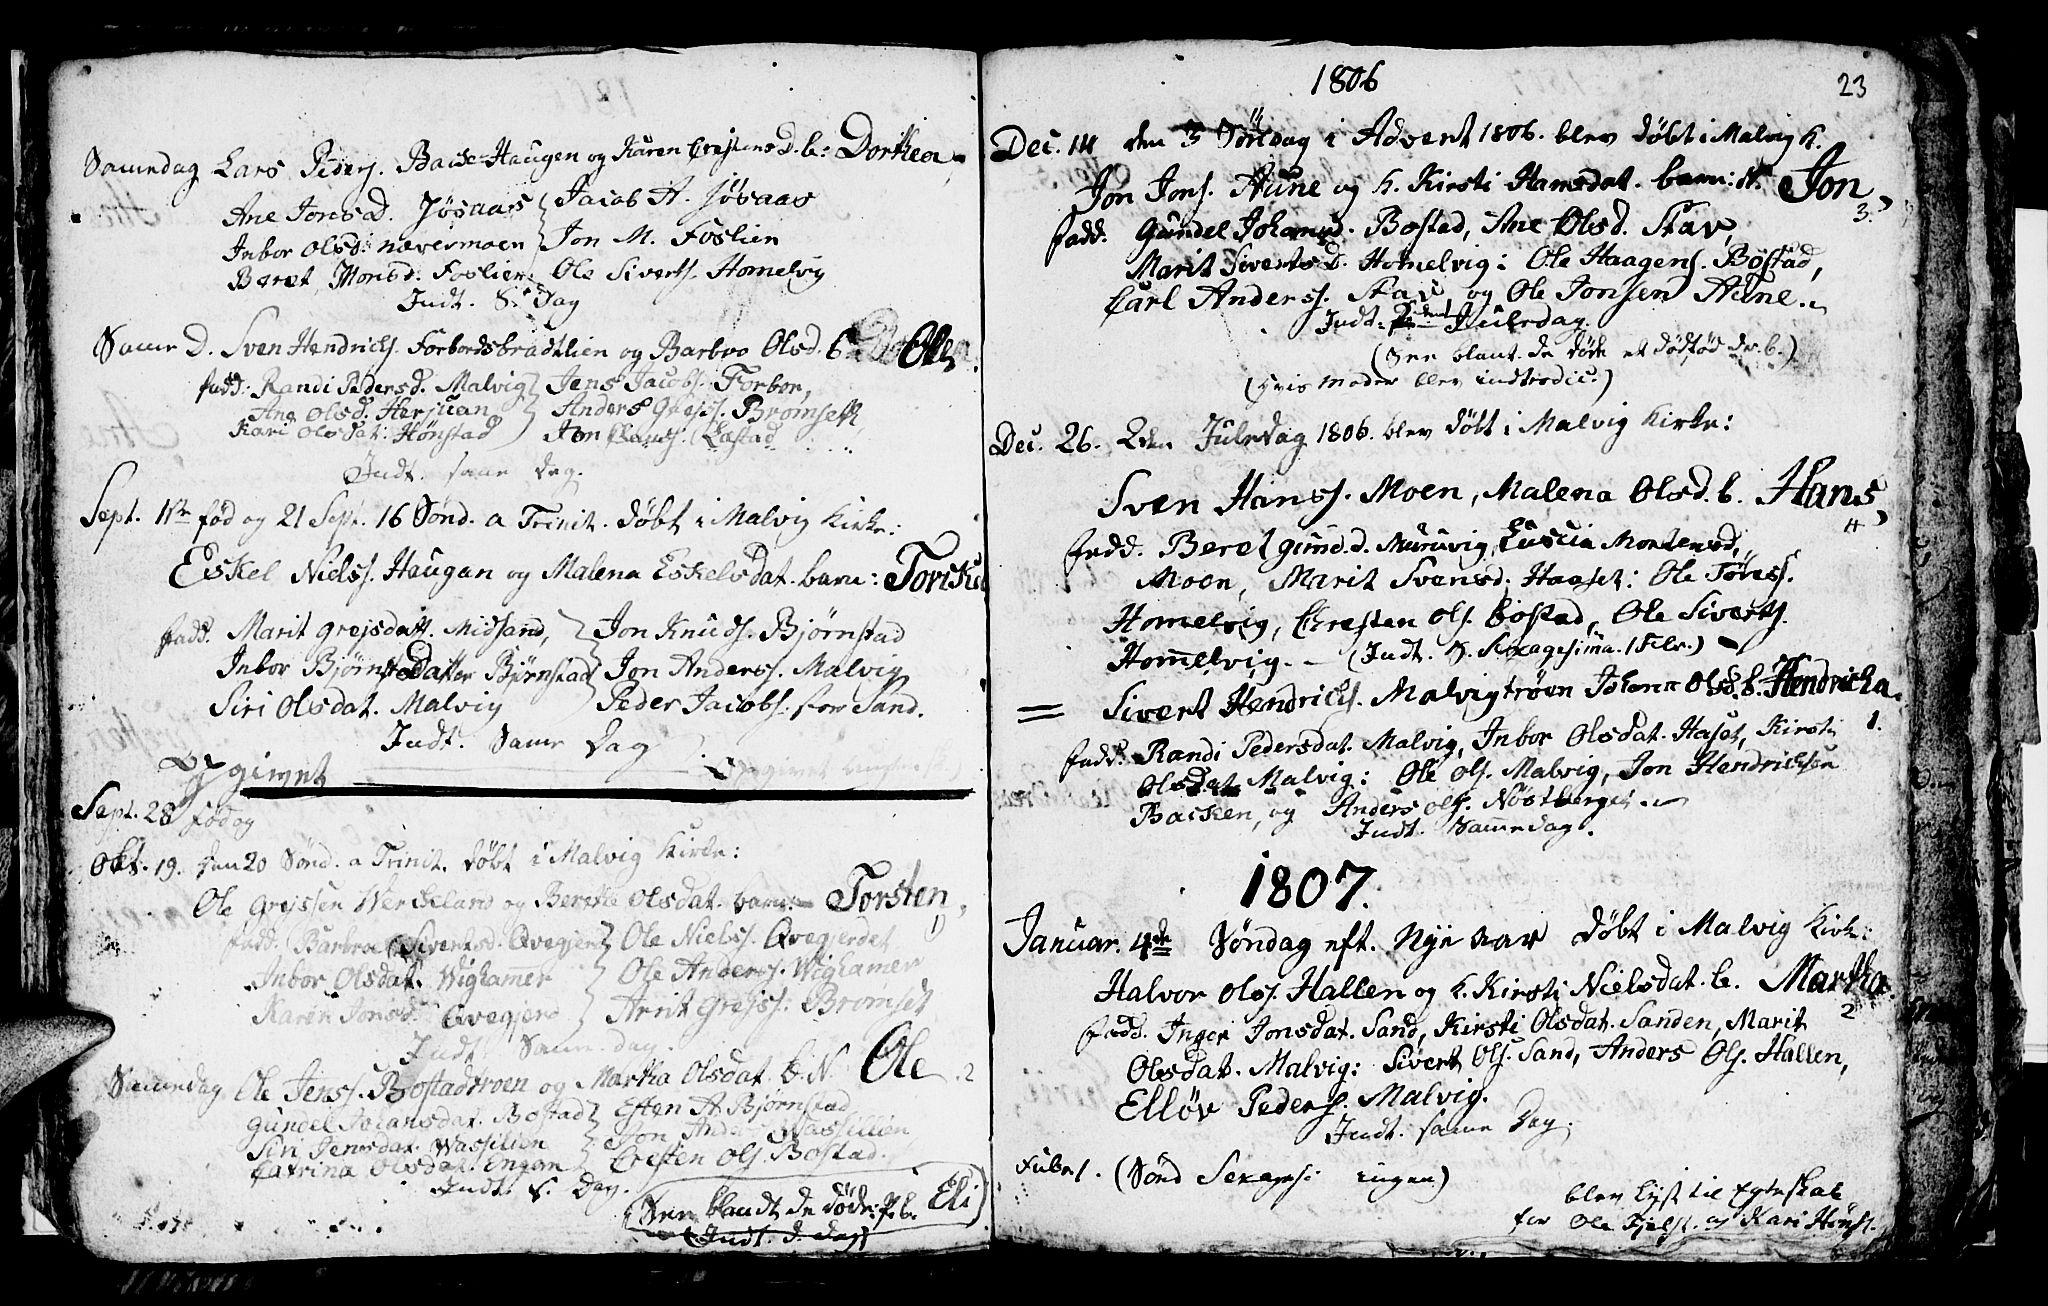 SAT, Ministerialprotokoller, klokkerbøker og fødselsregistre - Sør-Trøndelag, 616/L0419: Klokkerbok nr. 616C02, 1797-1816, s. 23